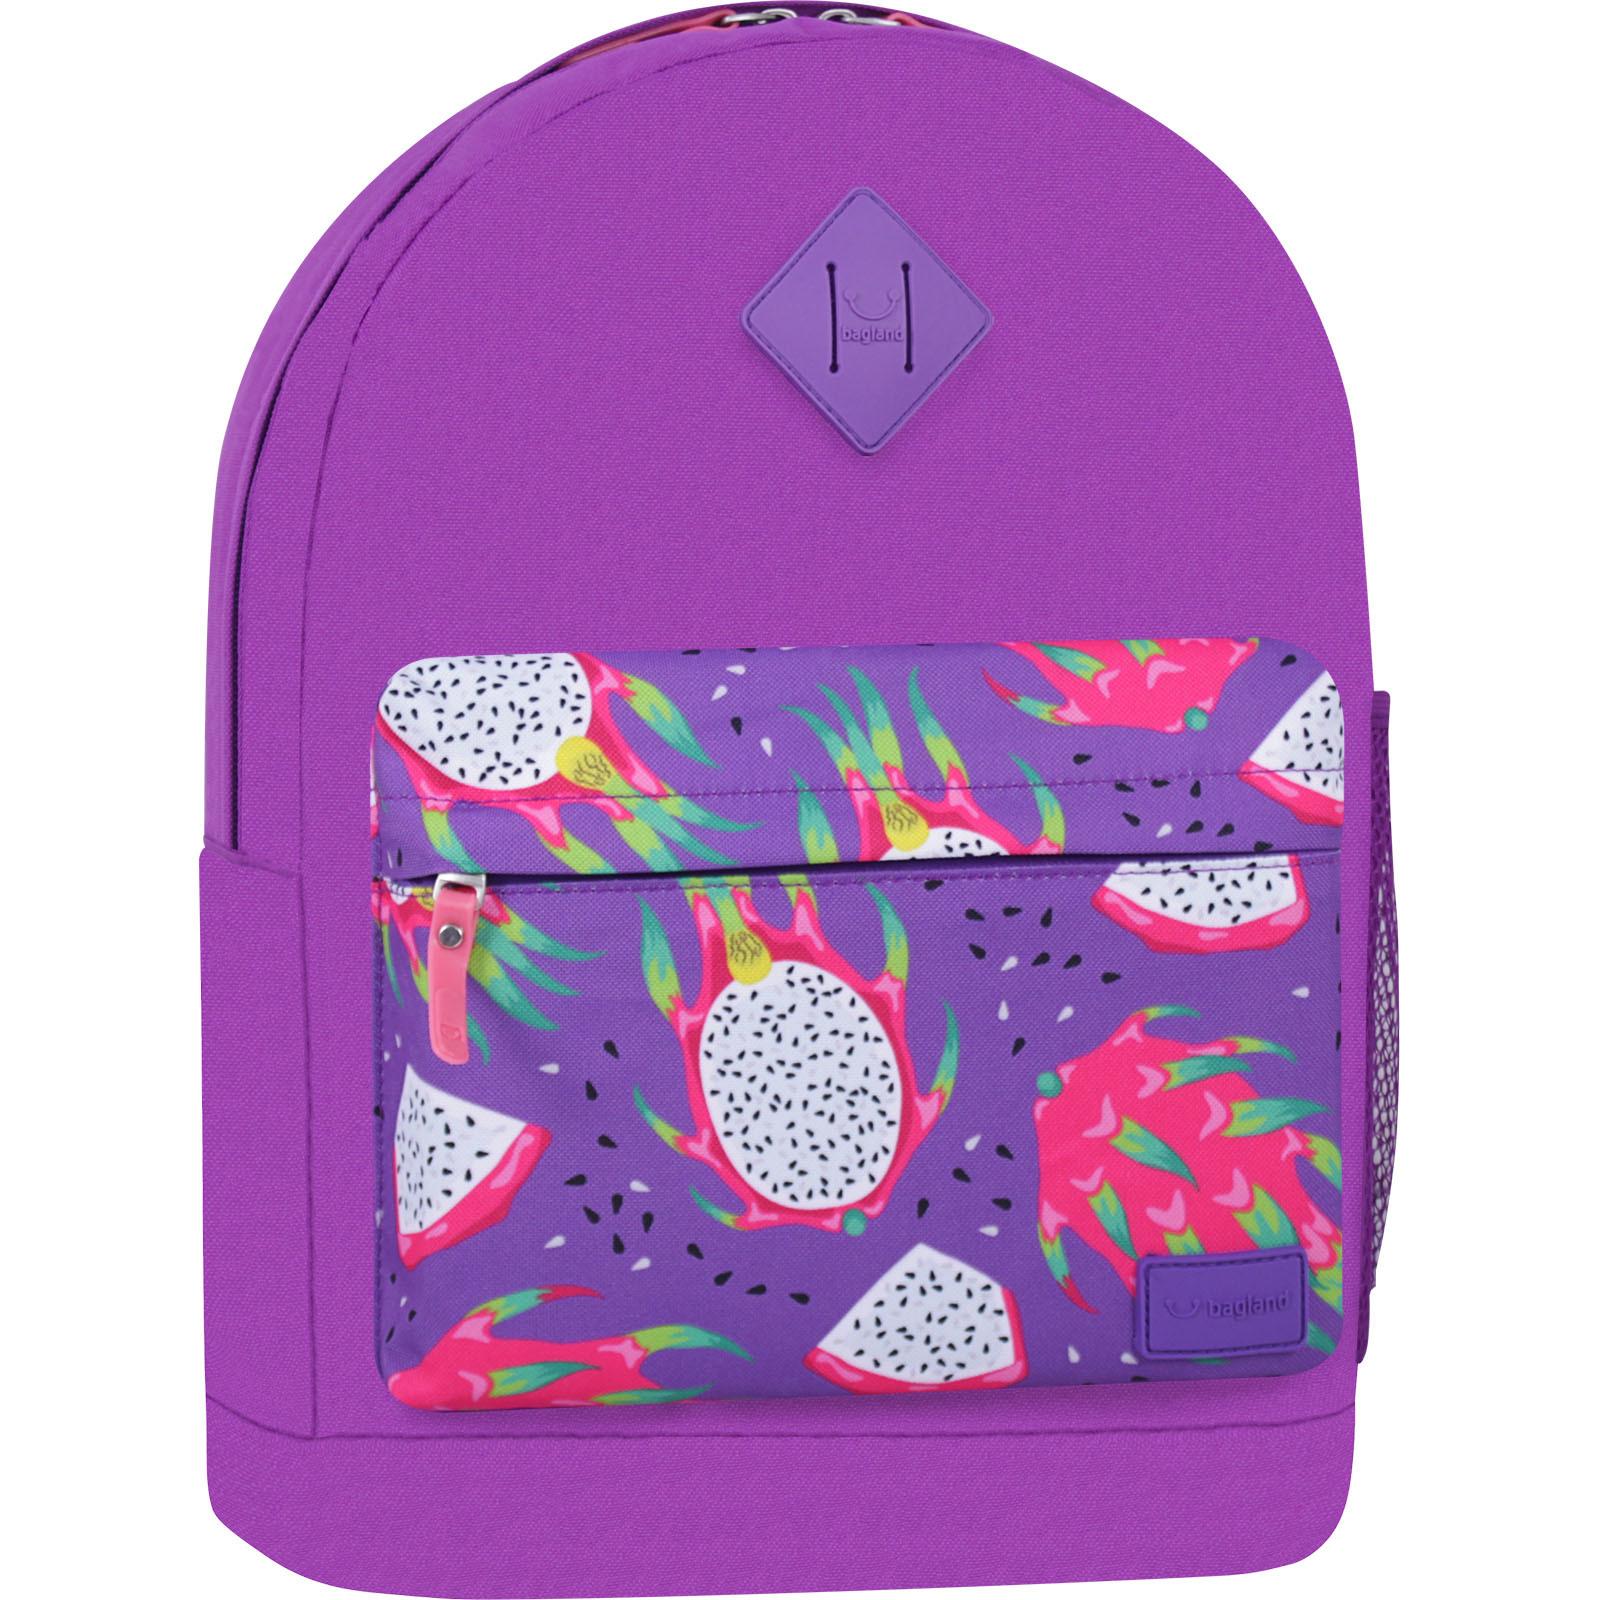 Рюкзак Bagland Молодежный W/R 17 л. 170 Фиолетовый 759 (00533662) фото 1